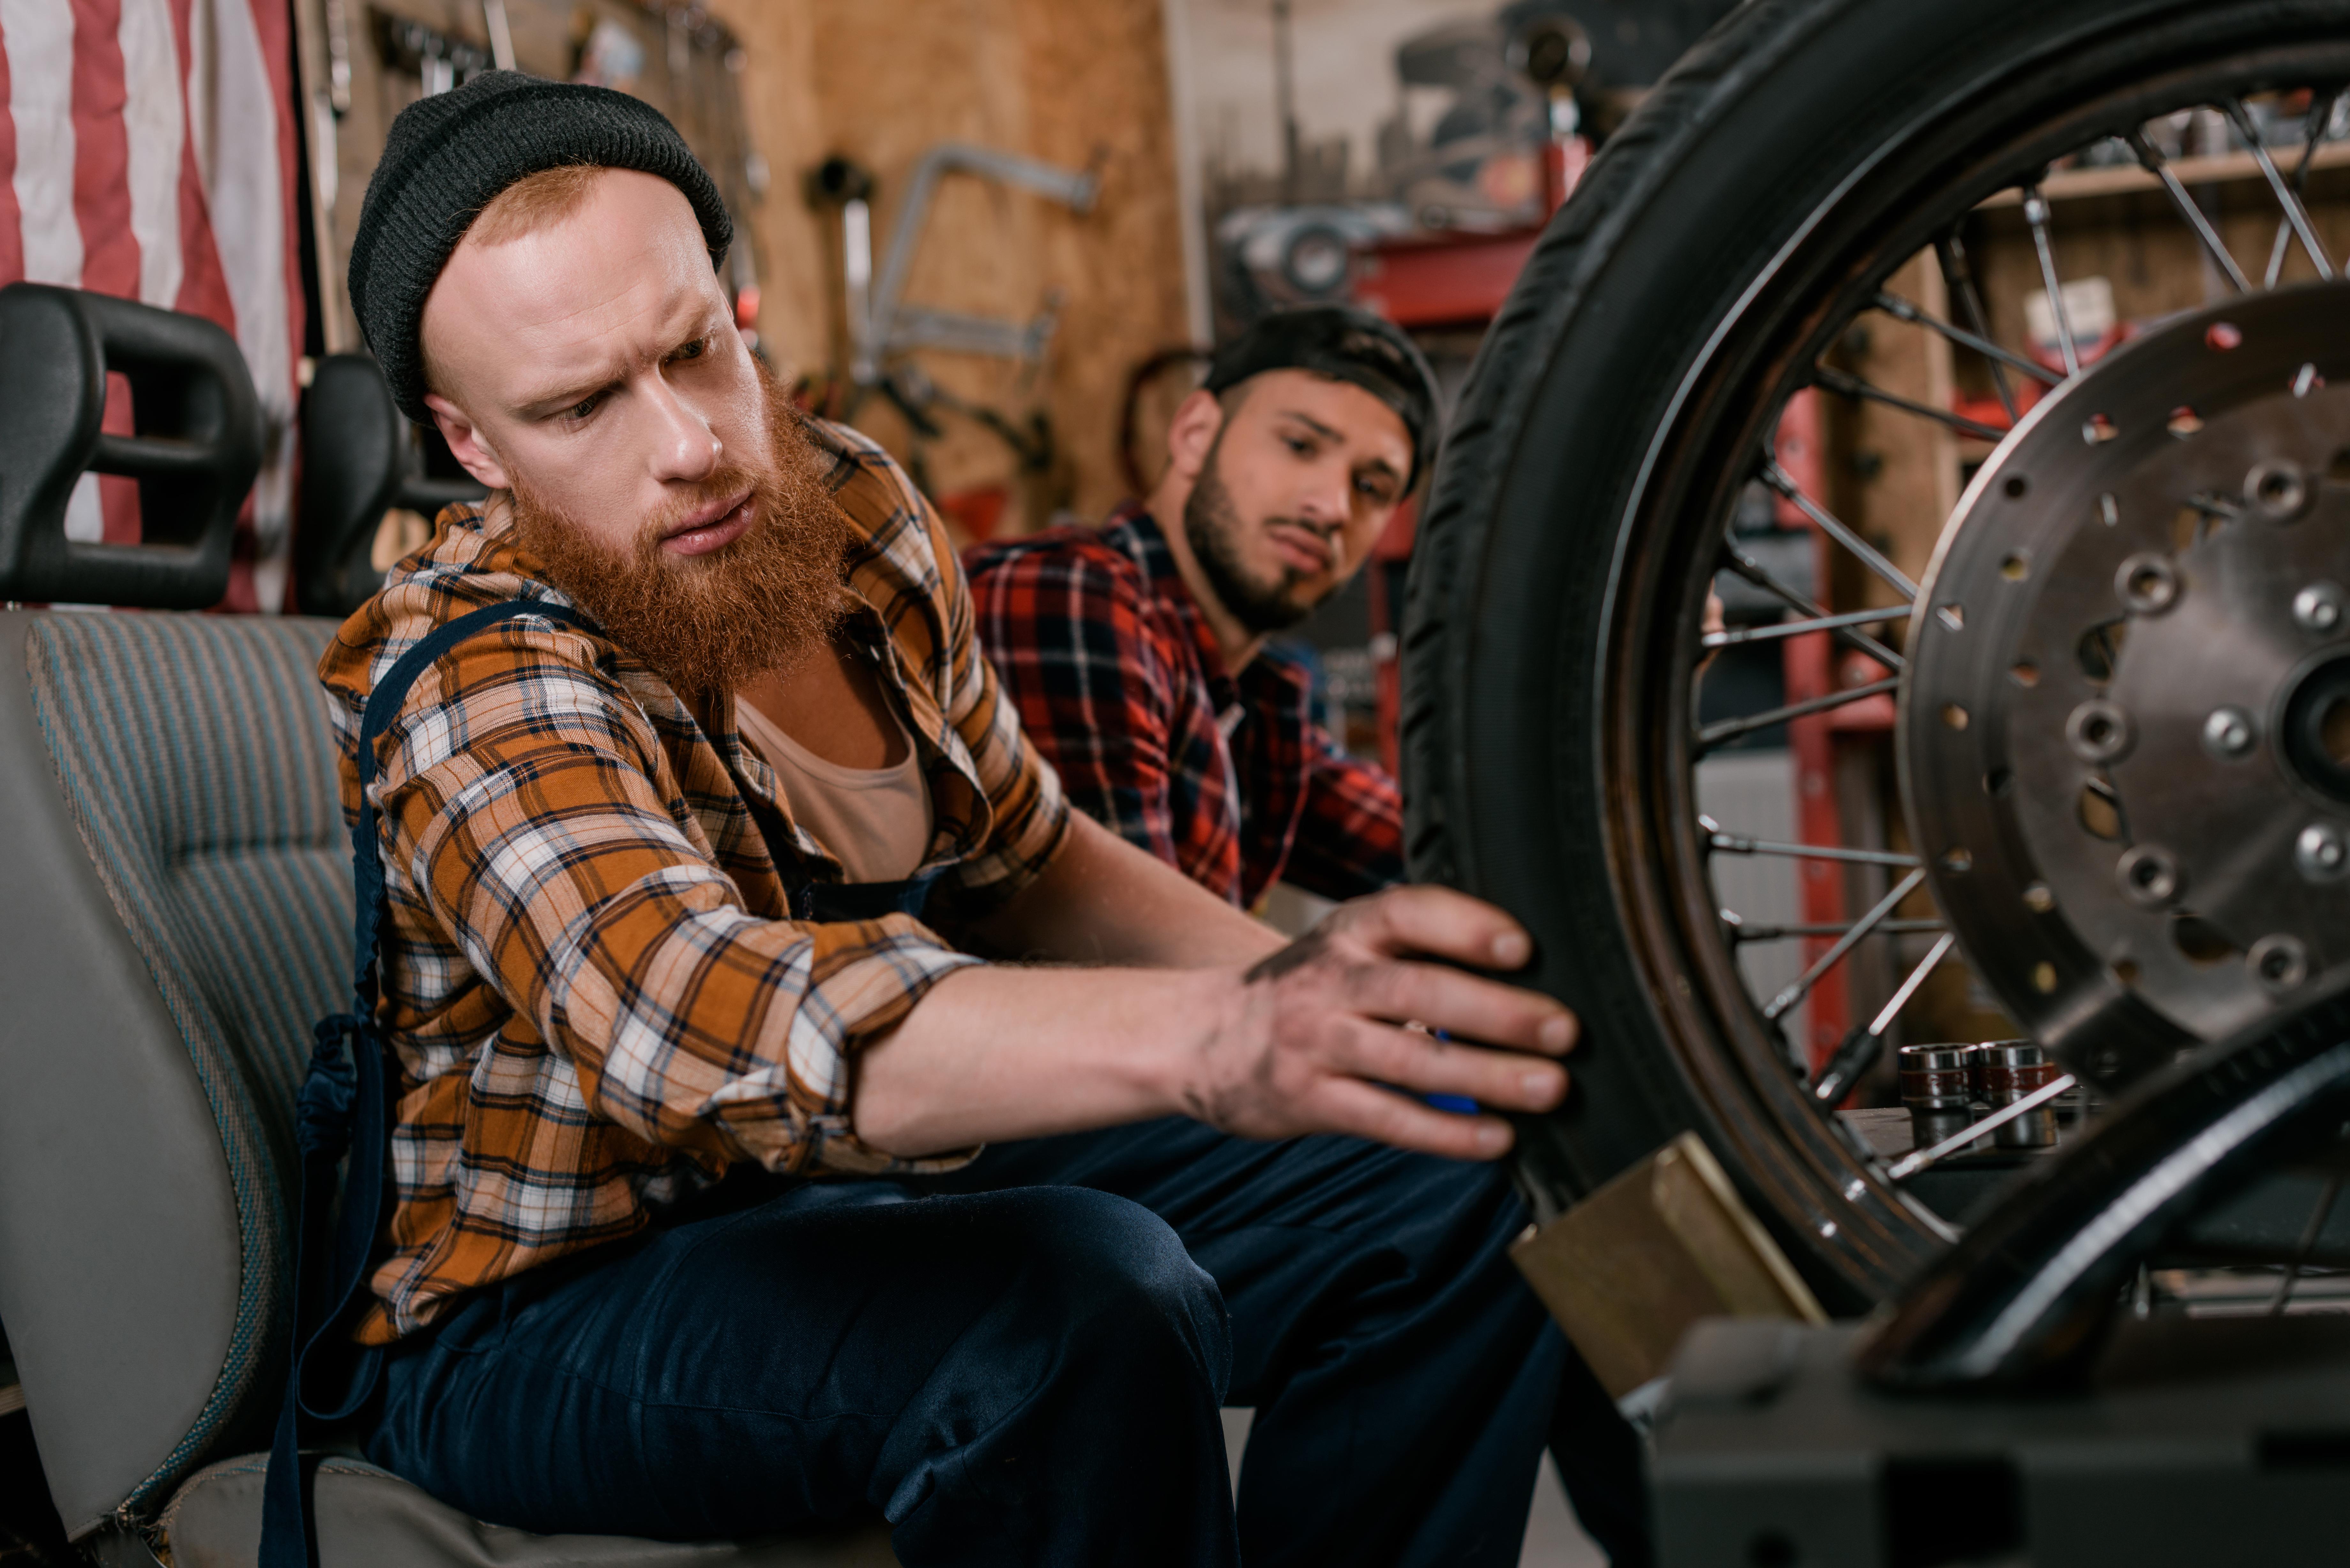 Mladí muži si prohlíží pneumatiku na motorce